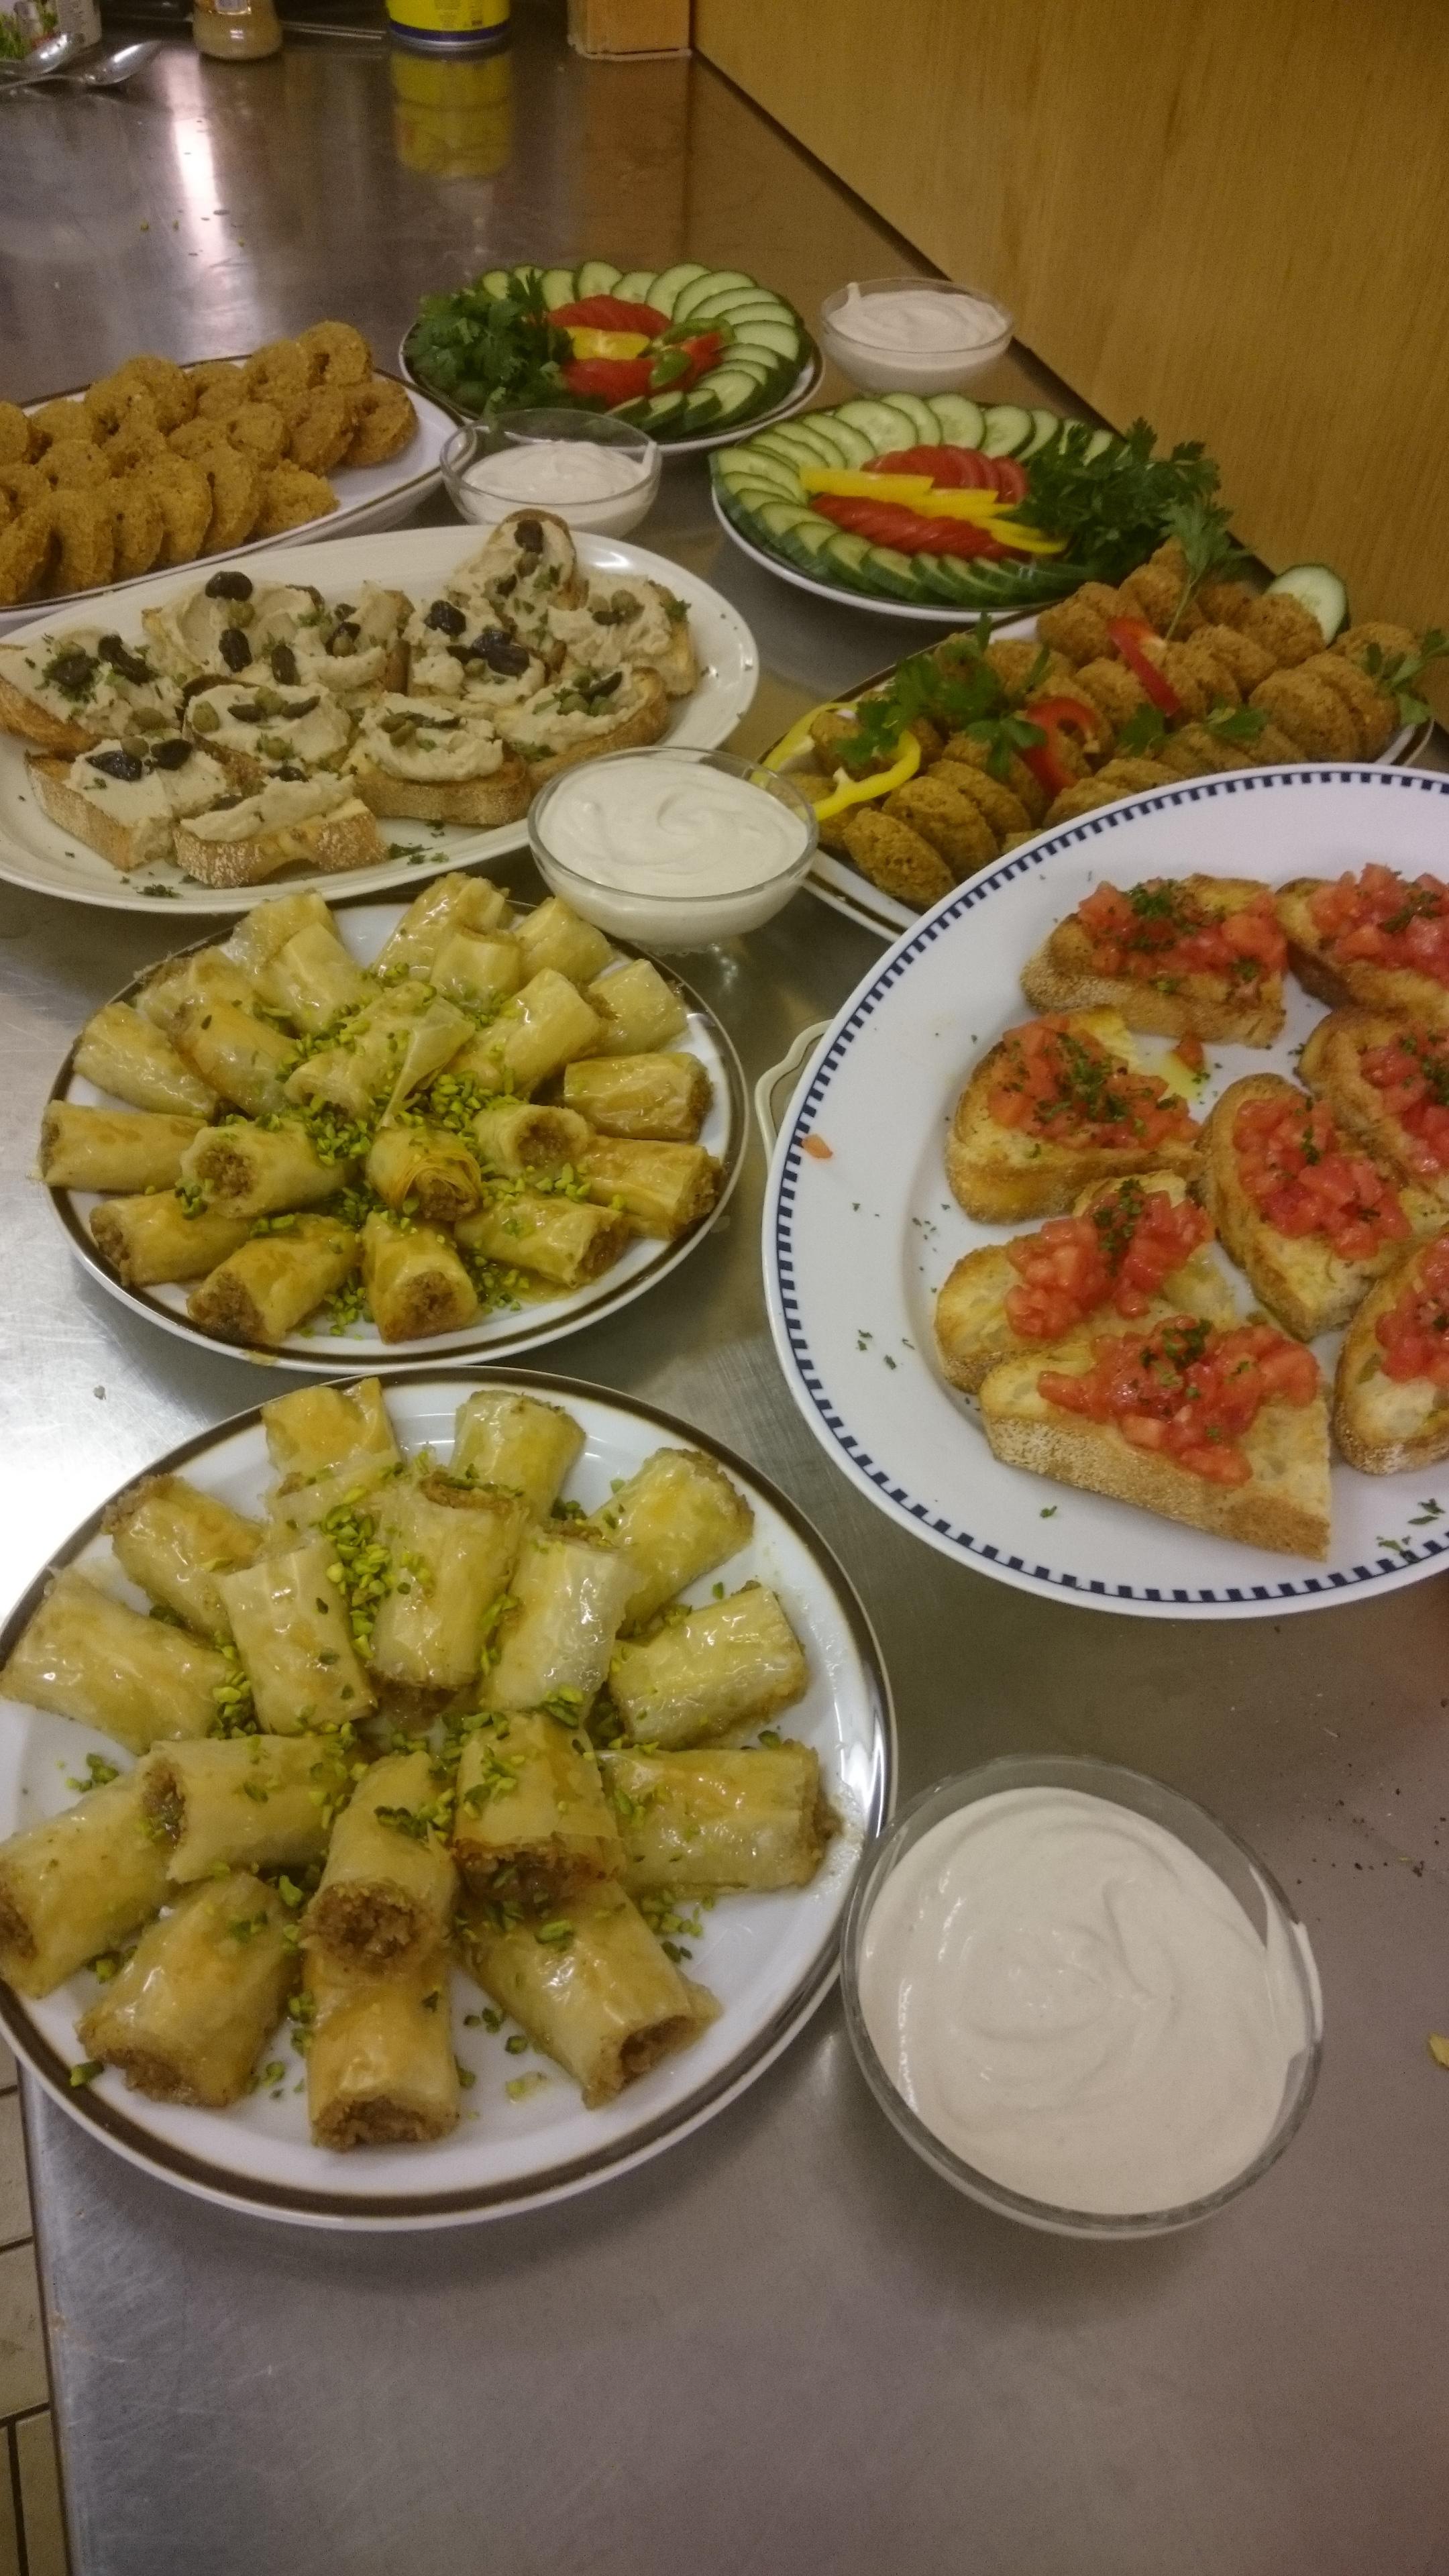 Europäisch-orientalische Küchenbrigade feiert Premiere – kornhalde ...